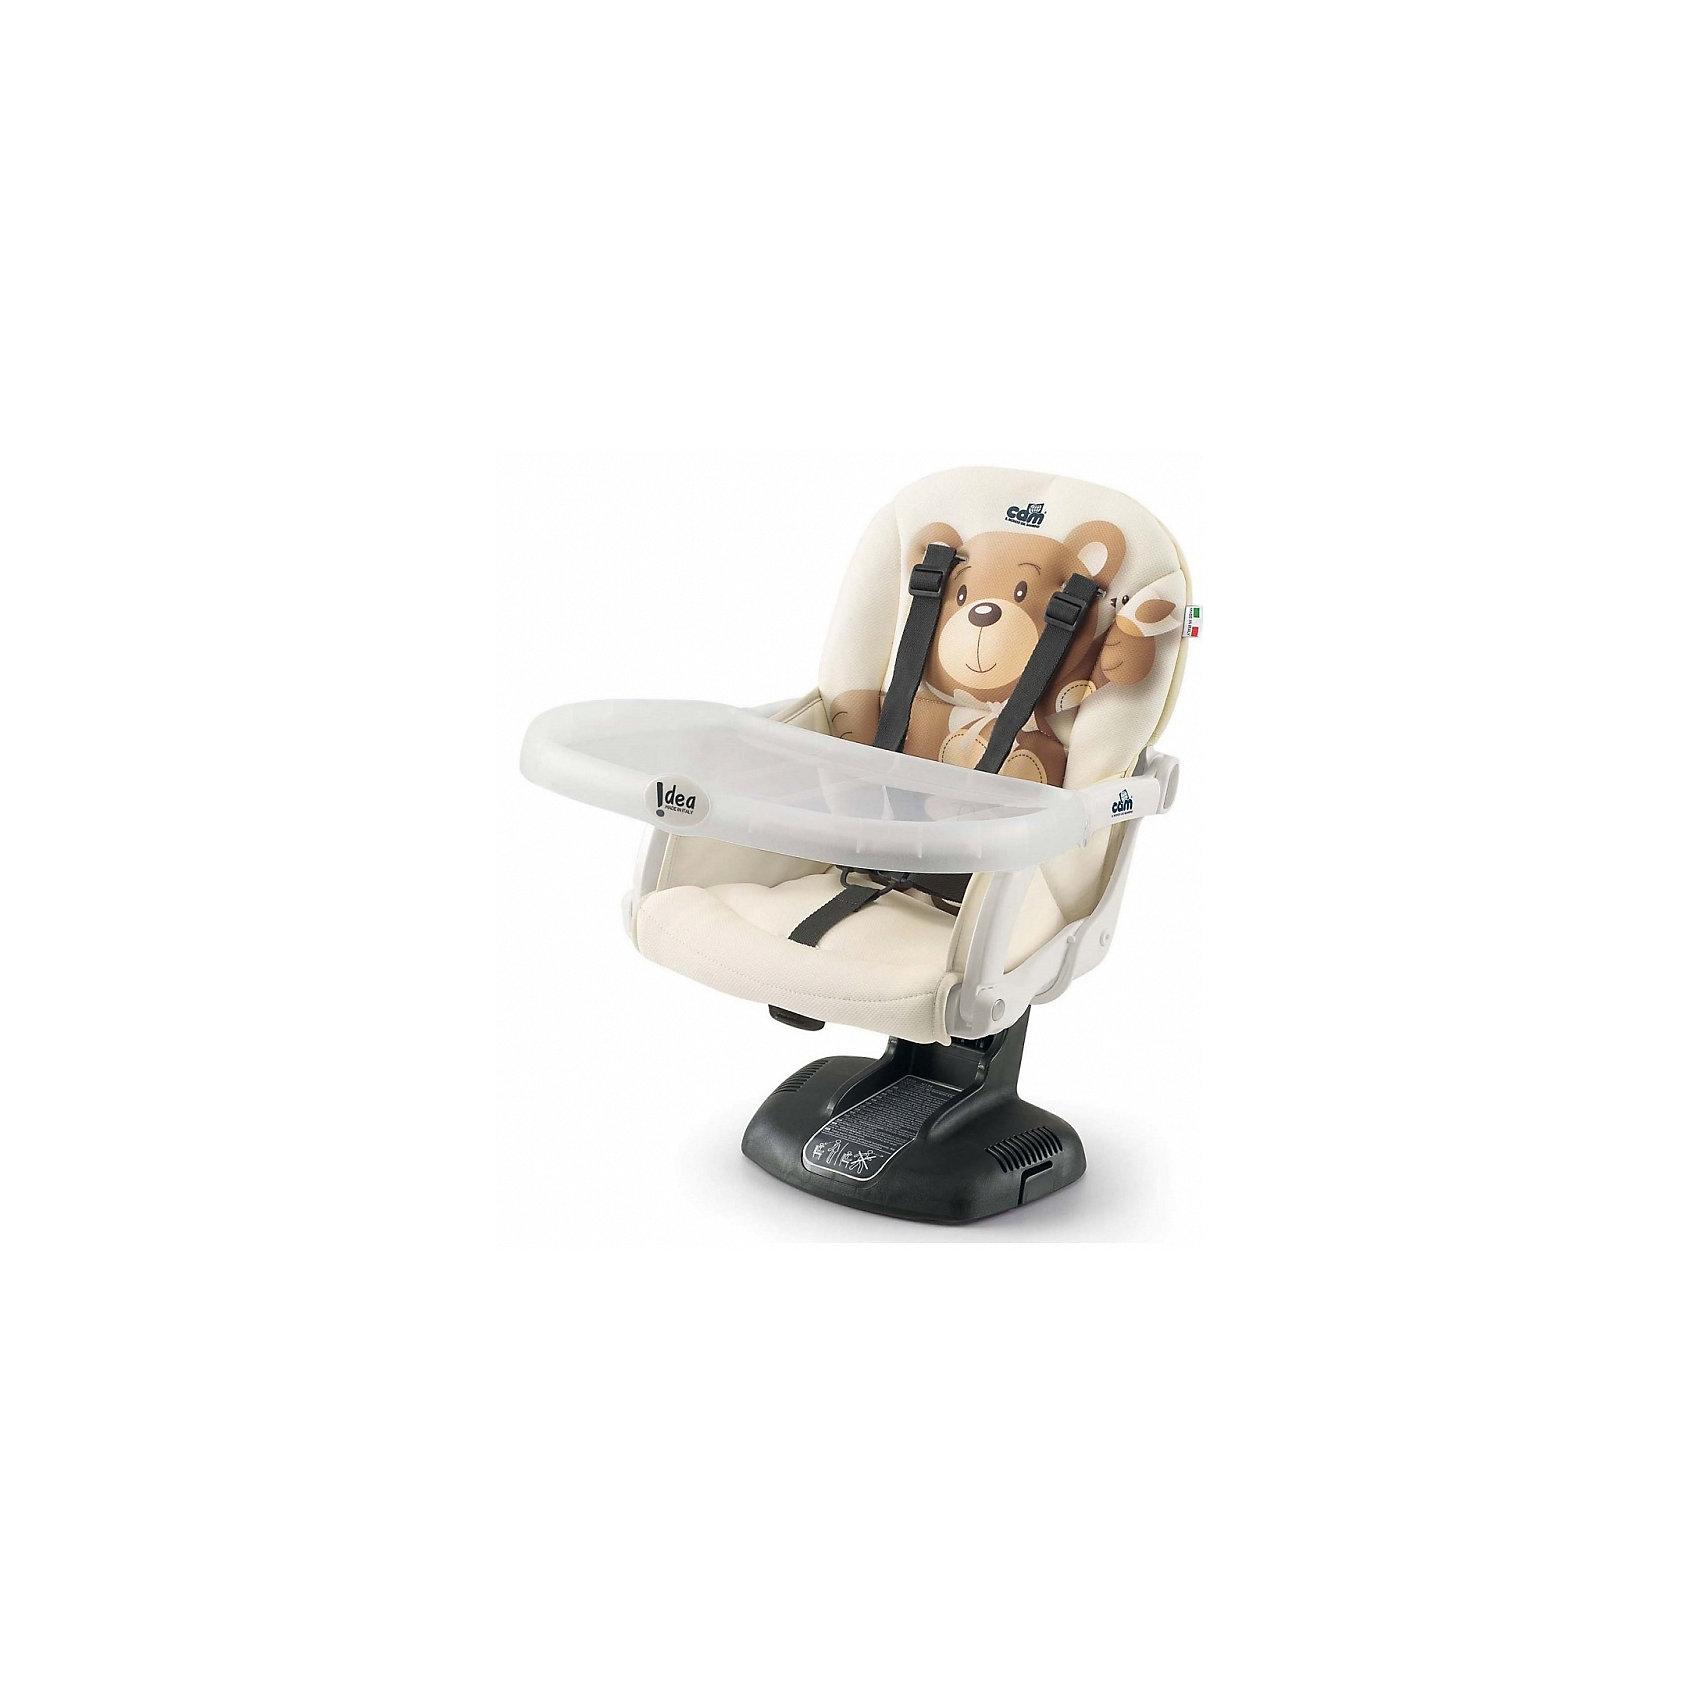 Стульчик для кормления Idea, CAM, бежевый с медвежонкомСтульчик для кормления Idea, CAM, бежевый с медвежонком – компактная модель для дома и дачи.<br>Тип стульчика – бустер. Он крепится к обычной мебели и может быть отрегулирован с помощью 7 уровней высоты сидения. Мягкое сидение и подлокотники делают сиденье комфортным для ребенка, а ремни безопасности защищают малыша от падения и не дают ему выбраться самостоятельно. <br><br> Дополнительная информация:<br><br>- цвет: бежевый<br>- размер: 52х36х40 см<br>- вес: 2,8<br><br><br>Стульчик для кормления Idea, CAM, бежевый с медвежонком можно купить в нашем интернет магазине.<br><br>Ширина мм: 995<br>Глубина мм: 369<br>Высота мм: 499<br>Вес г: 3750<br>Возраст от месяцев: 6<br>Возраст до месяцев: 36<br>Пол: Унисекс<br>Возраст: Детский<br>SKU: 5013515